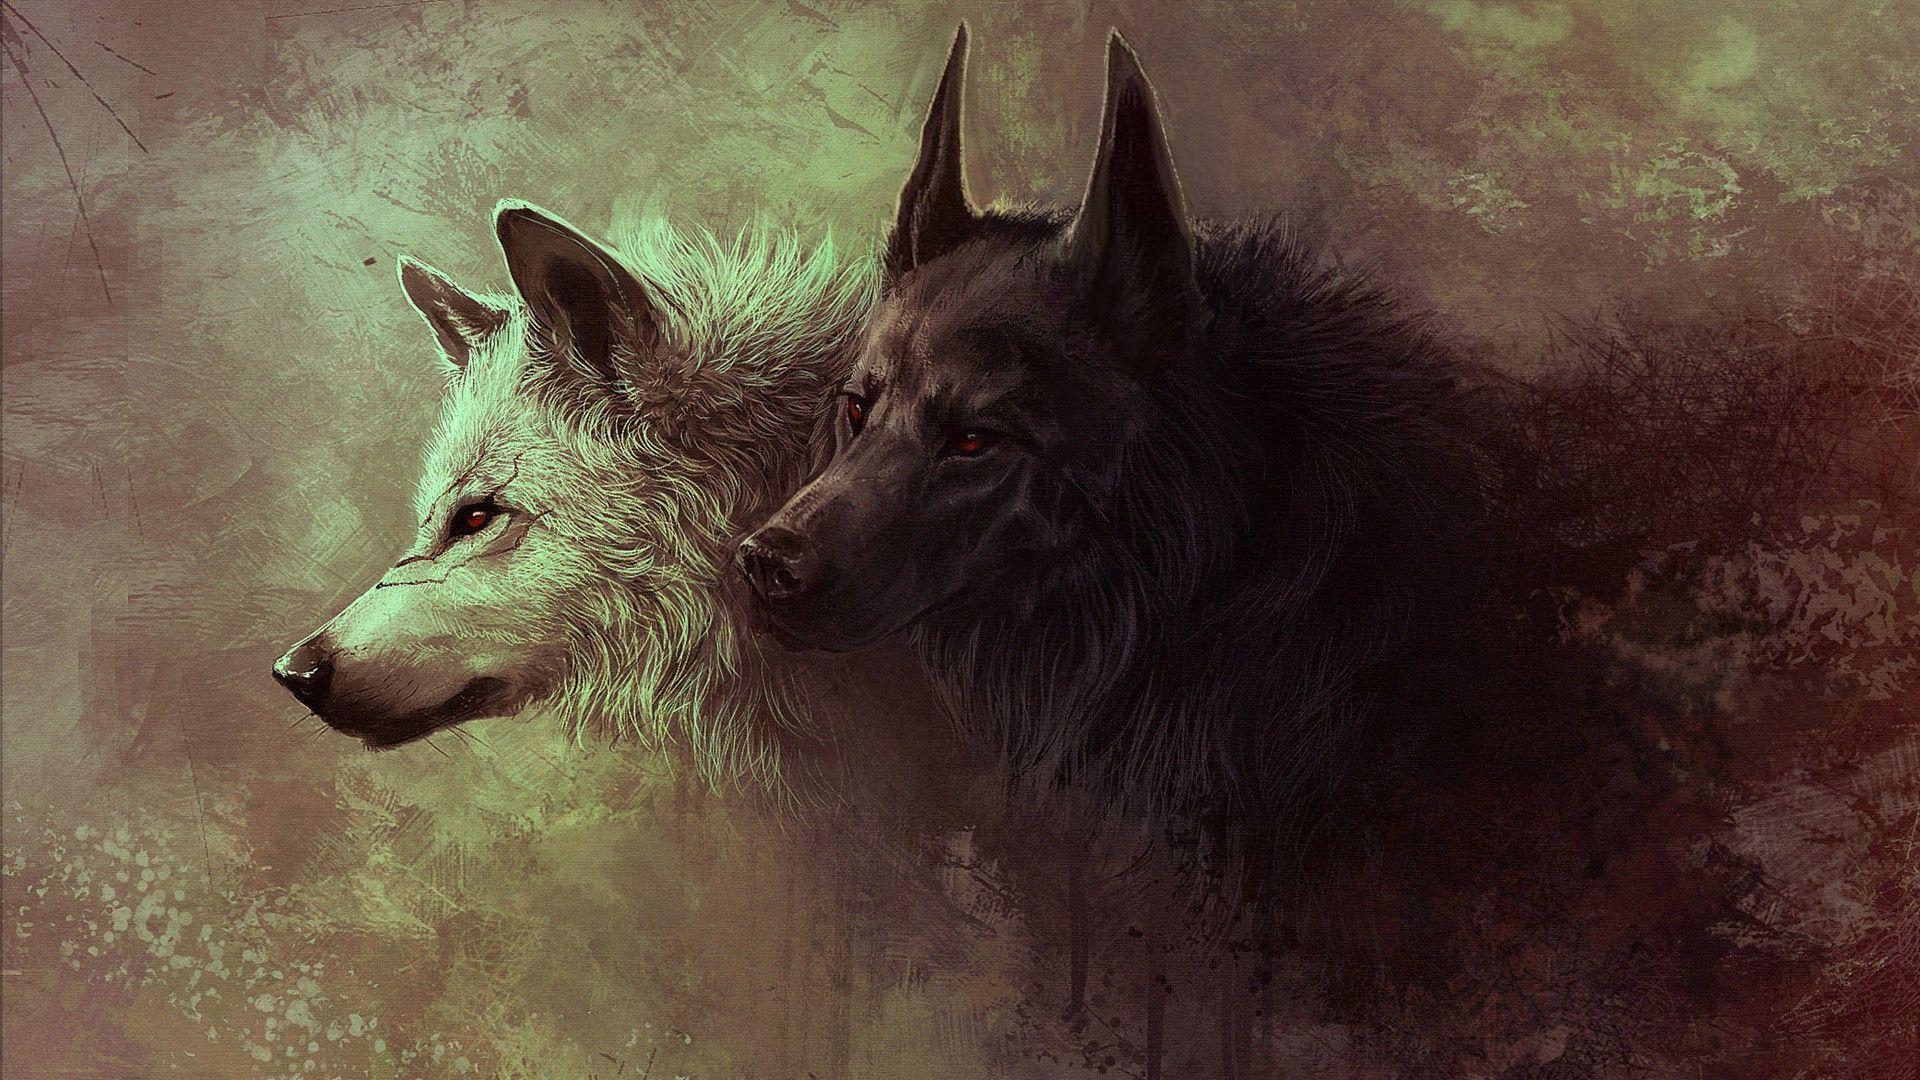 big bad wolves wallpaper - photo #32